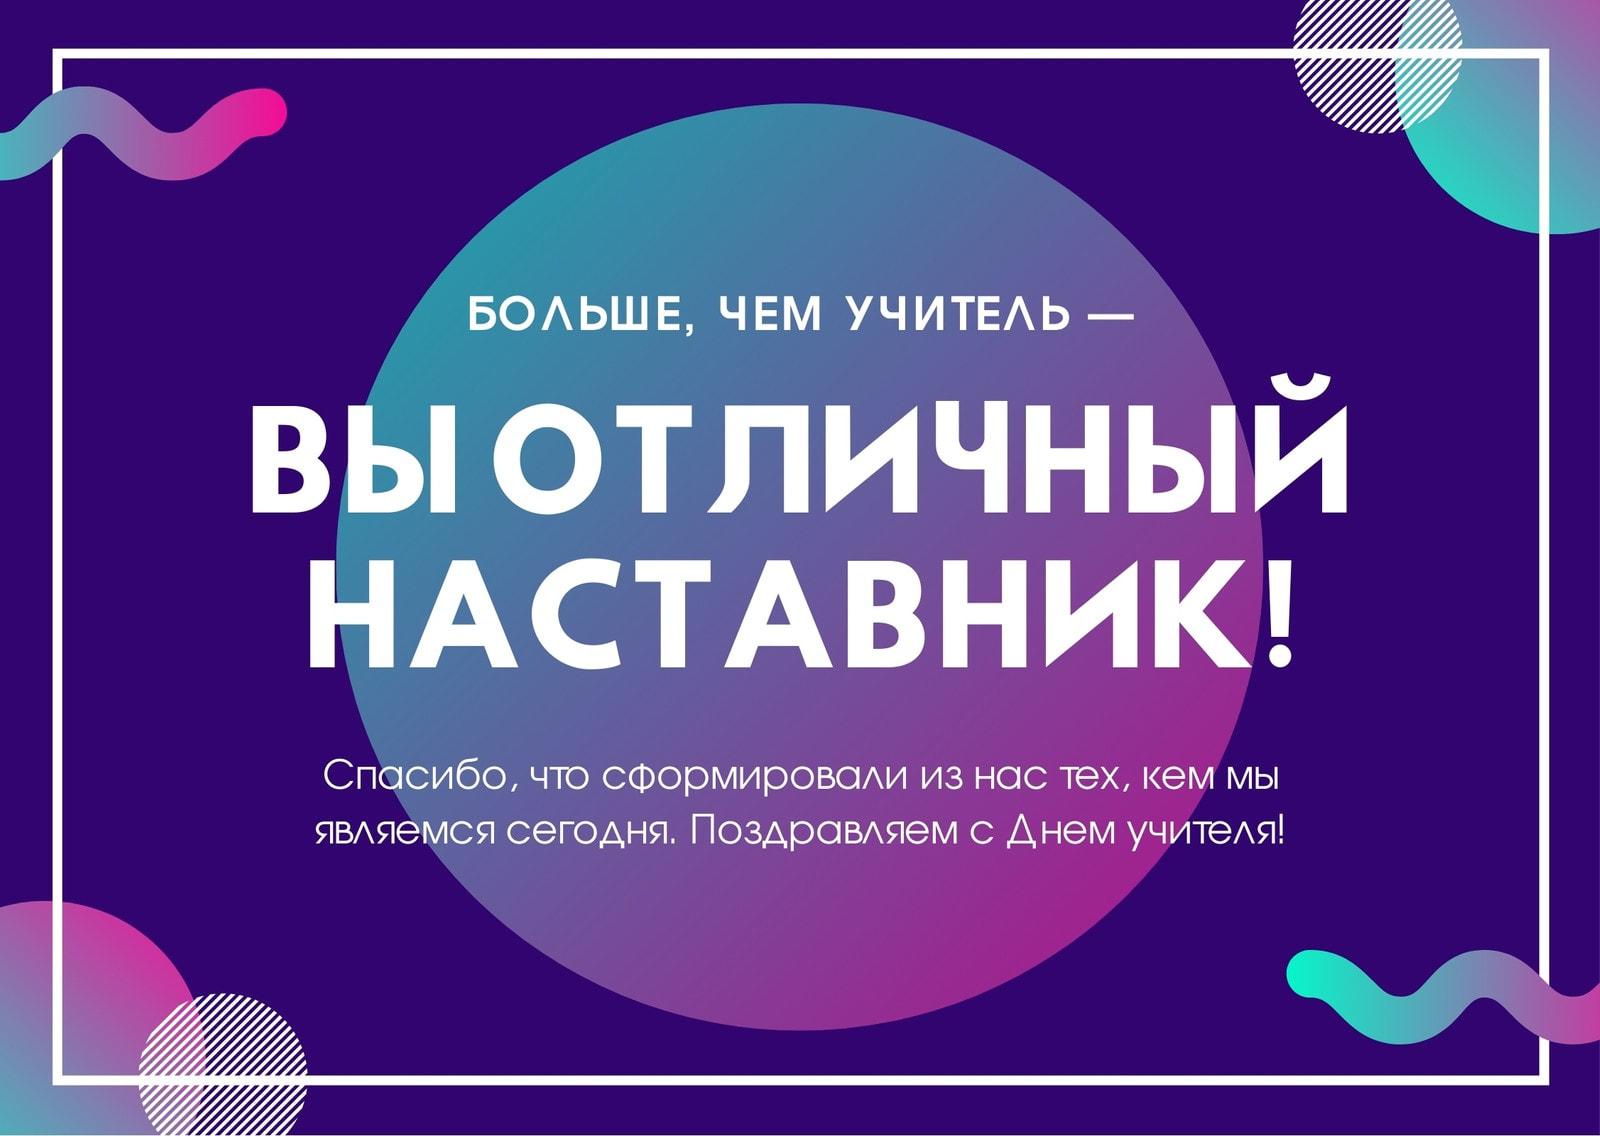 Фиолетовый Современный Градиент День Учителя Личная Открытка